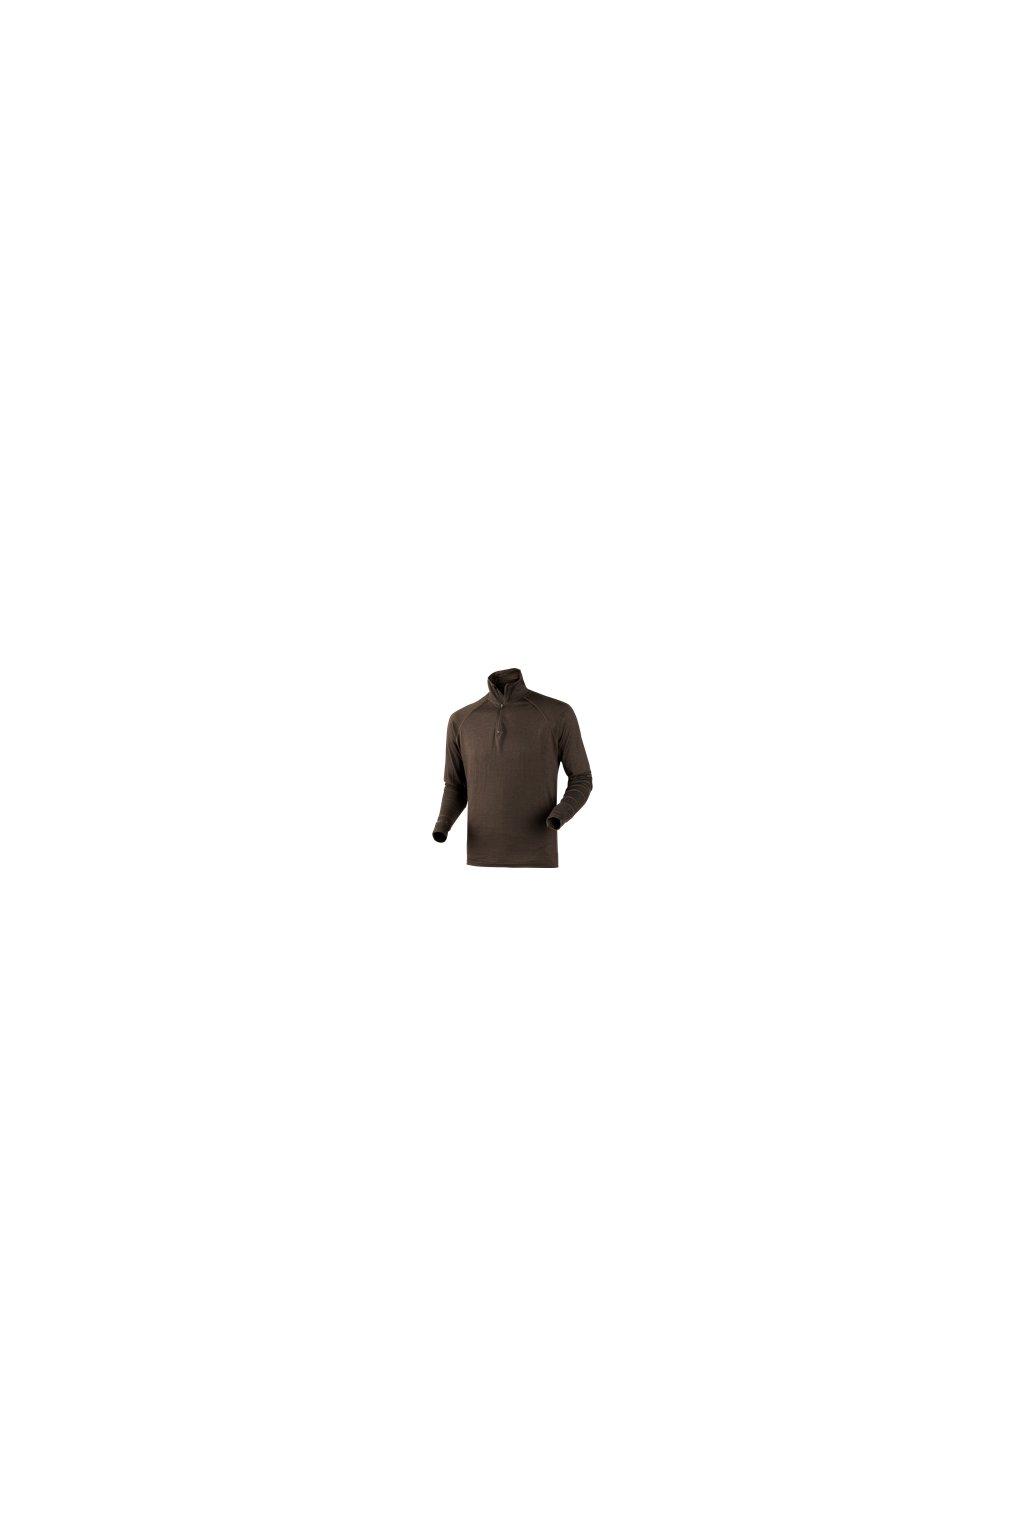 Härkila - All Season podvlekové prádlo na zip